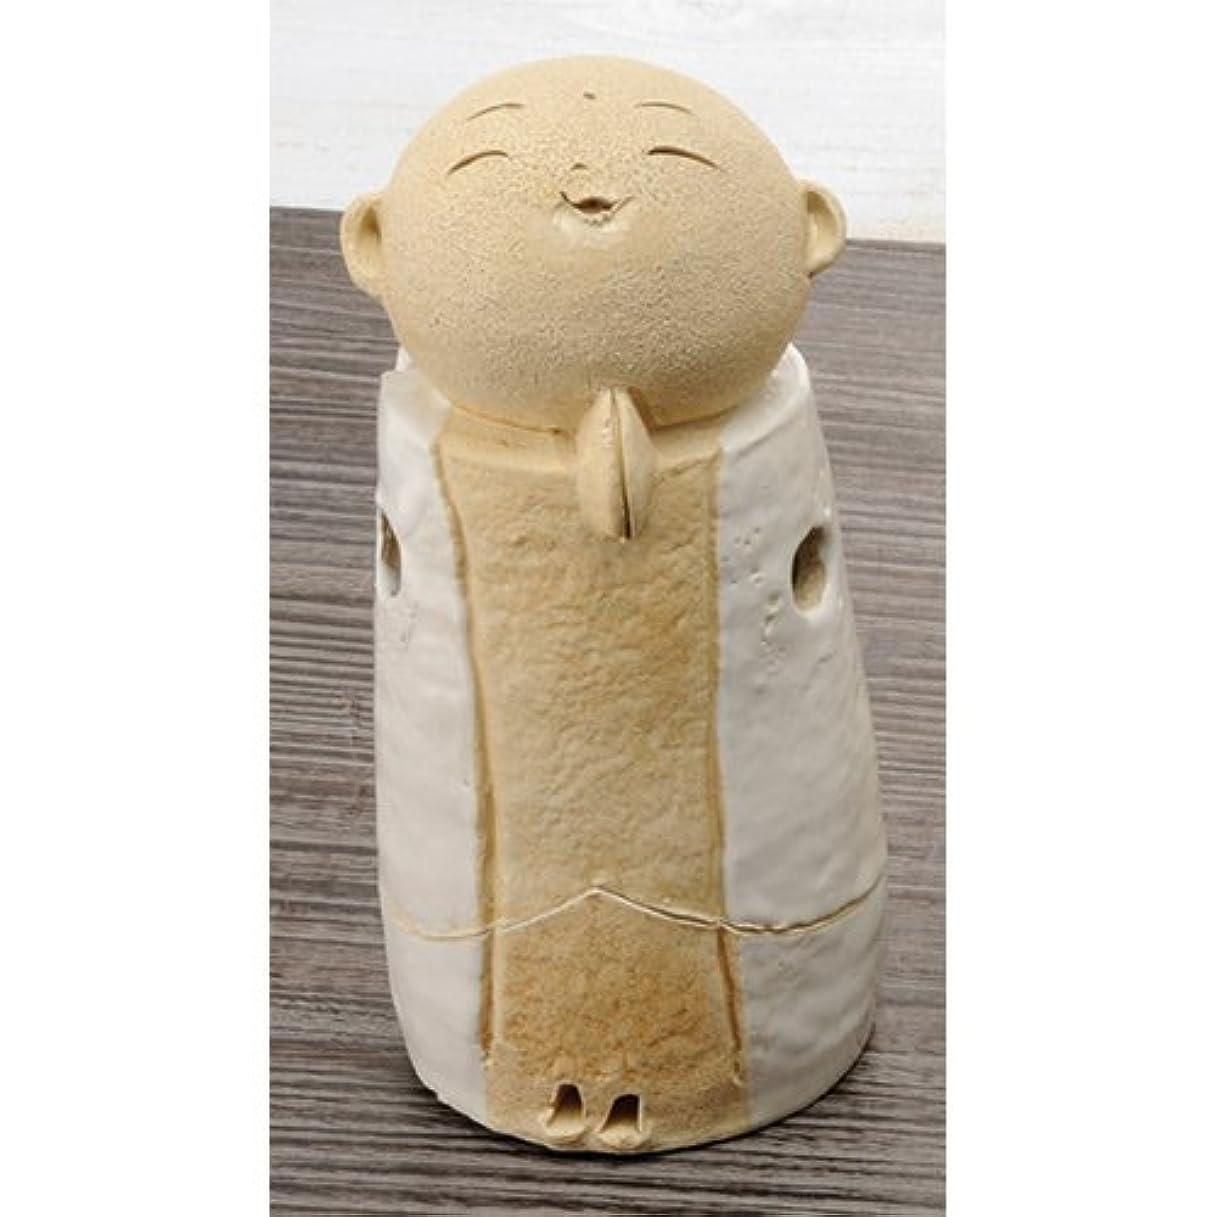 アンカー悪用論理的お地蔵様 香炉シリーズ 白 お地蔵様 香炉 5.3寸(大) [H15.5cm] HANDMADE プレゼント ギフト 和食器 かわいい インテリア